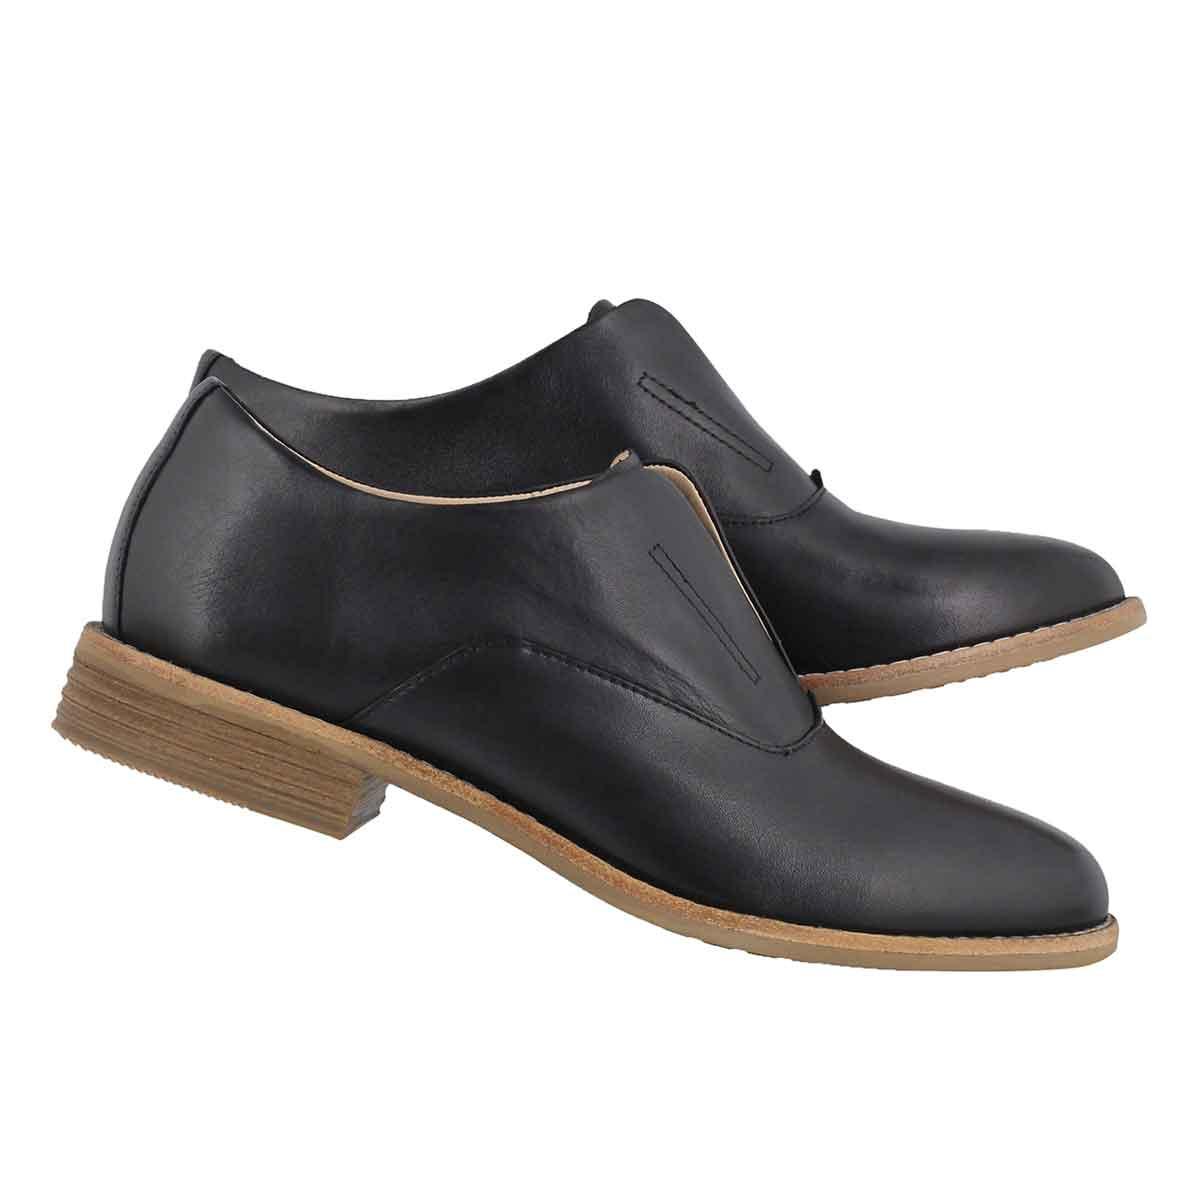 Lds Edenvale Opal black casual oxford